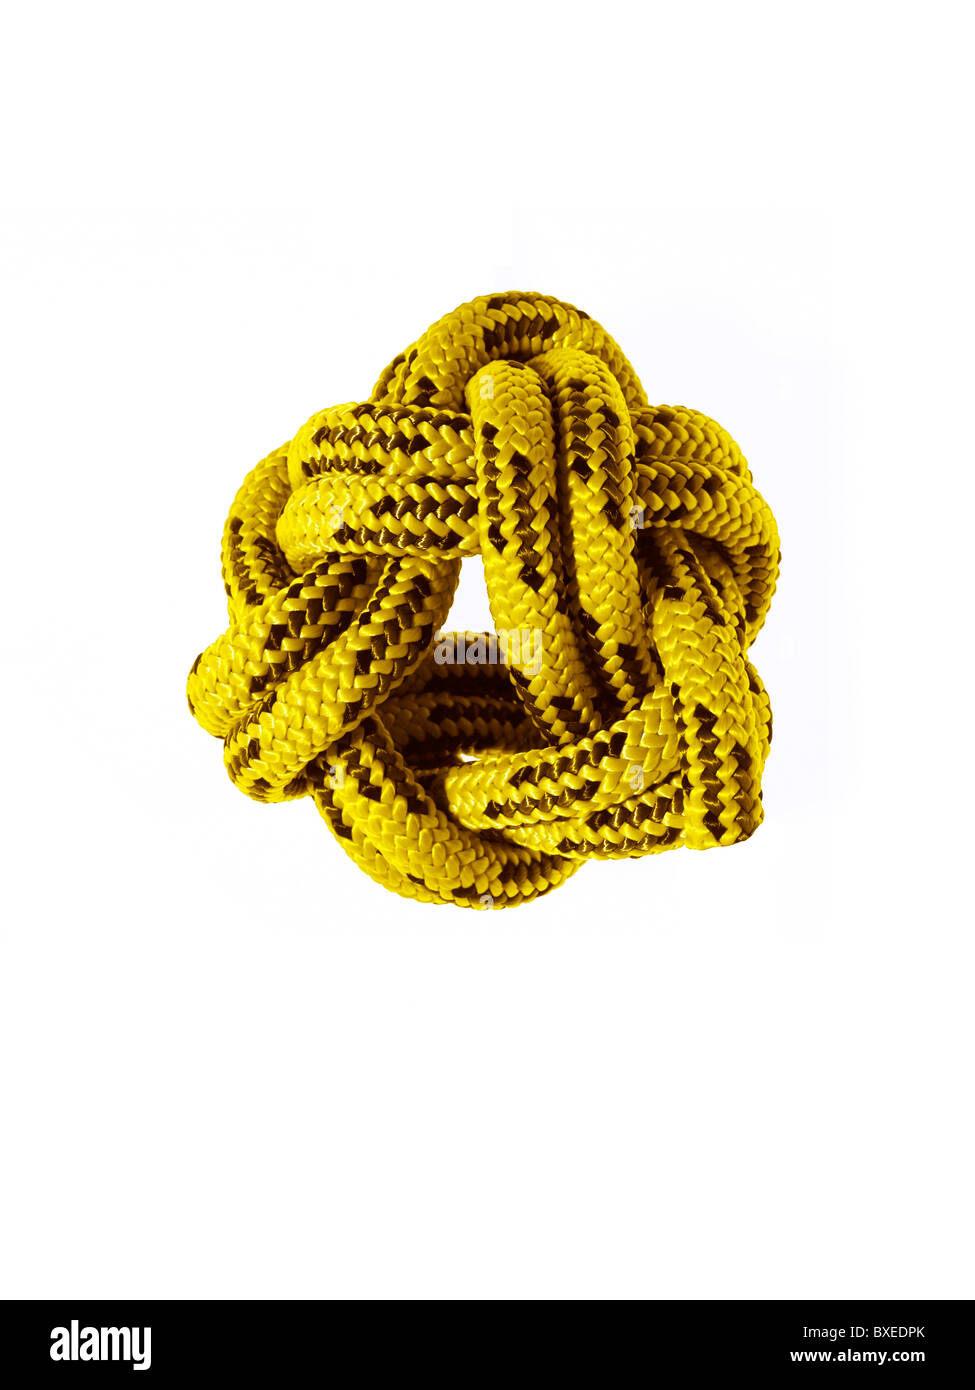 Double Rope Stockfotos & Double Rope Bilder - Alamy